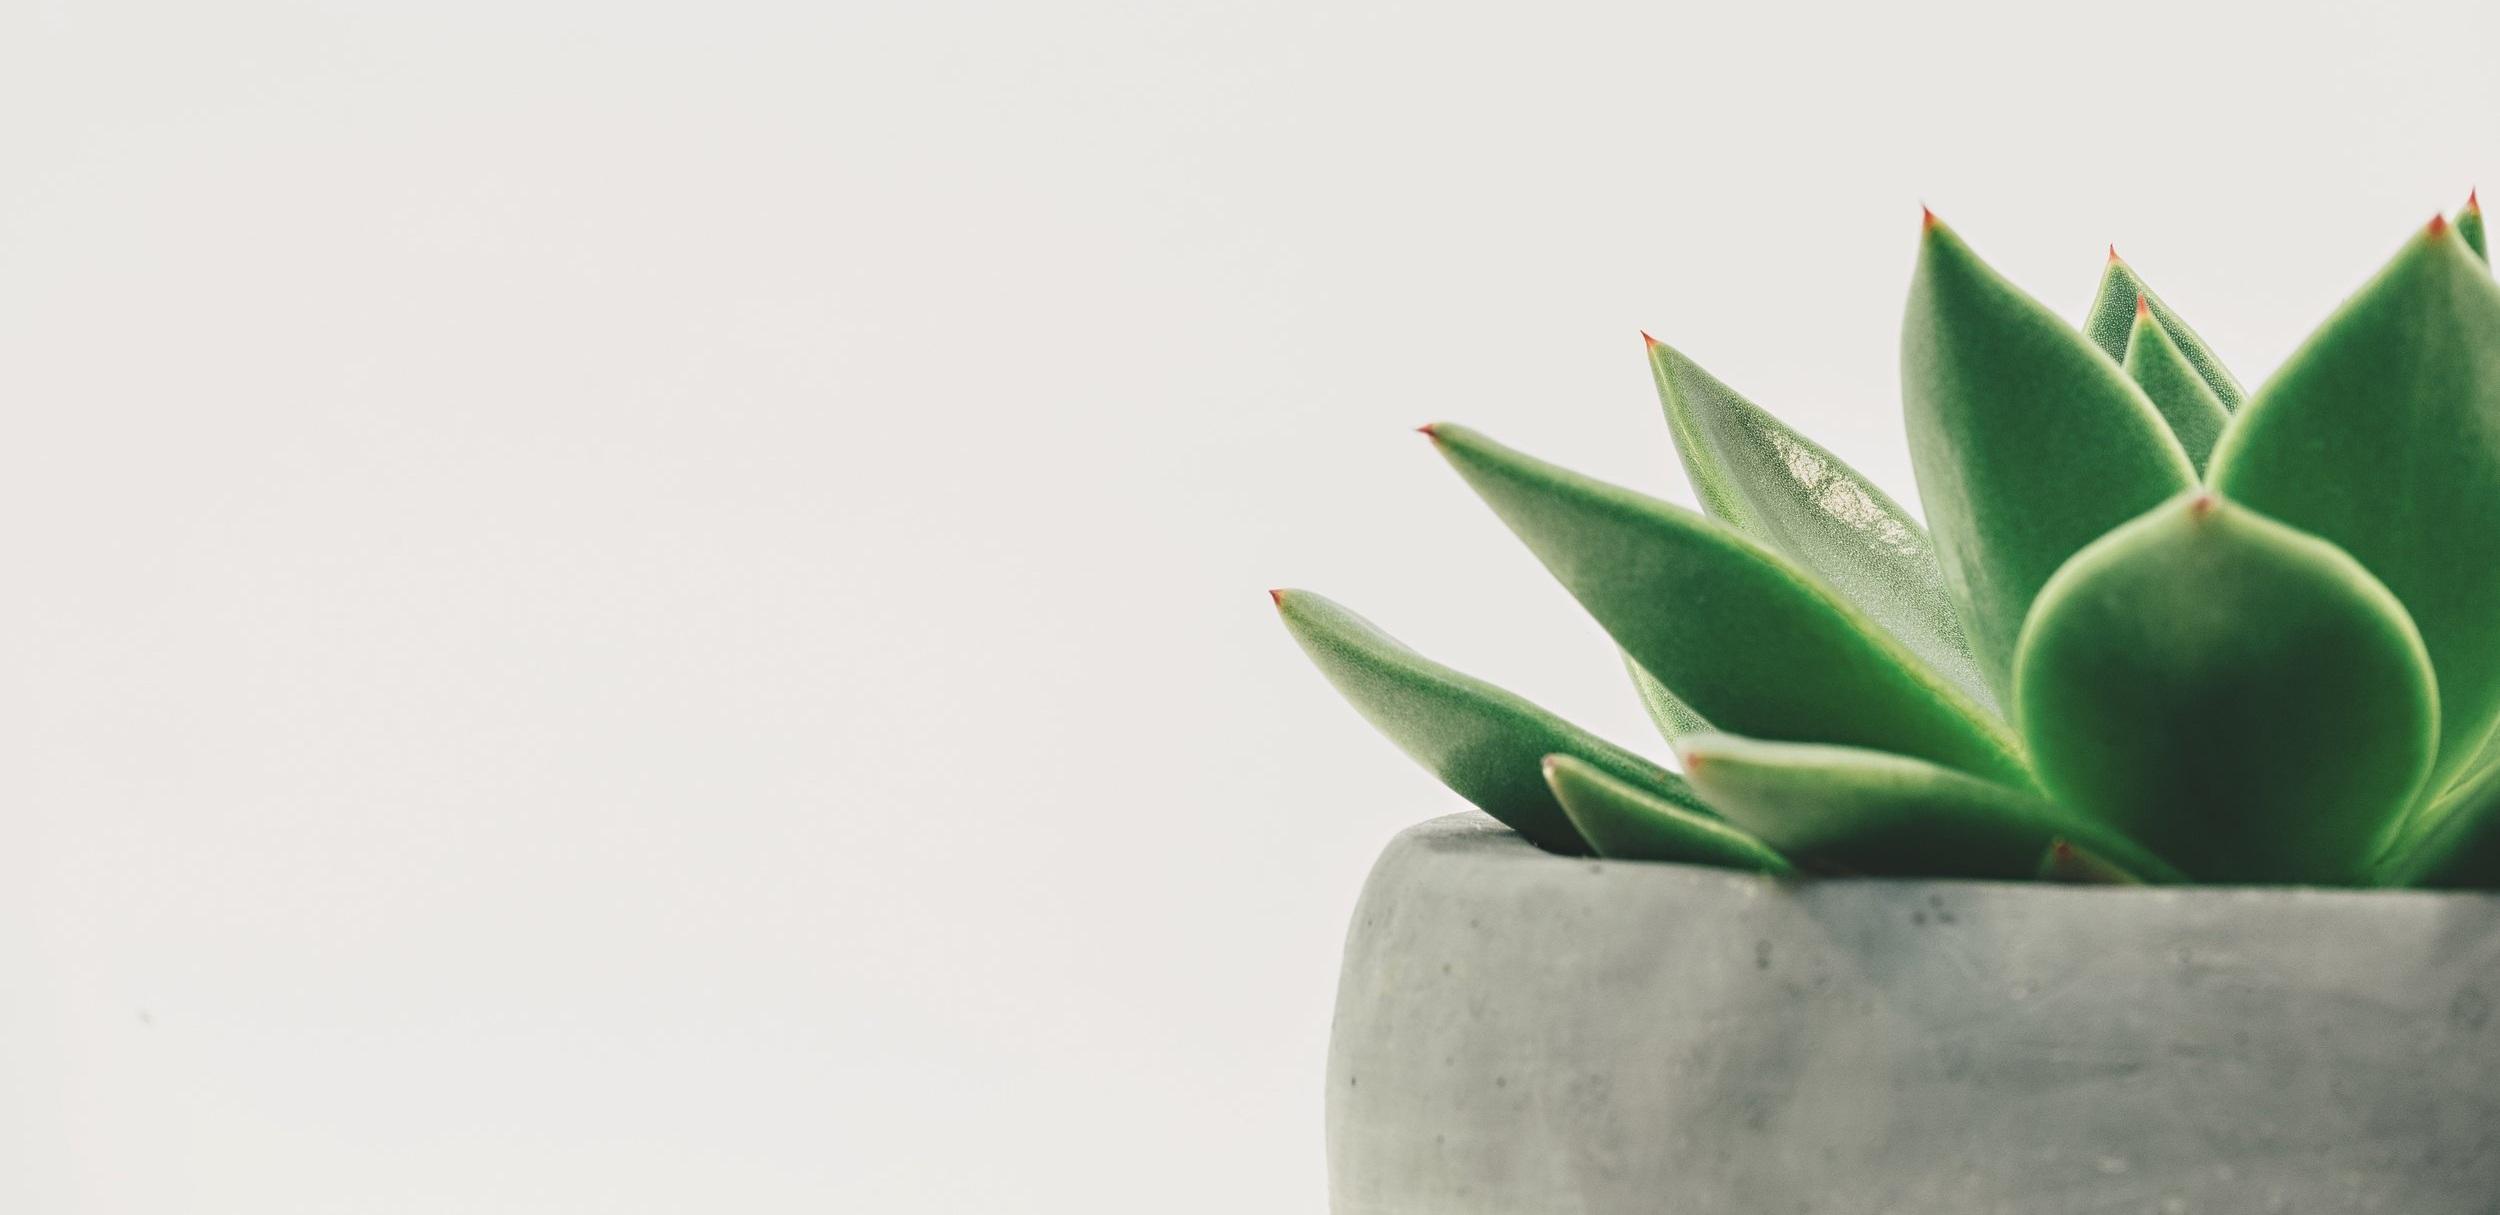 botanical-cactus-close-up-305821.jpg